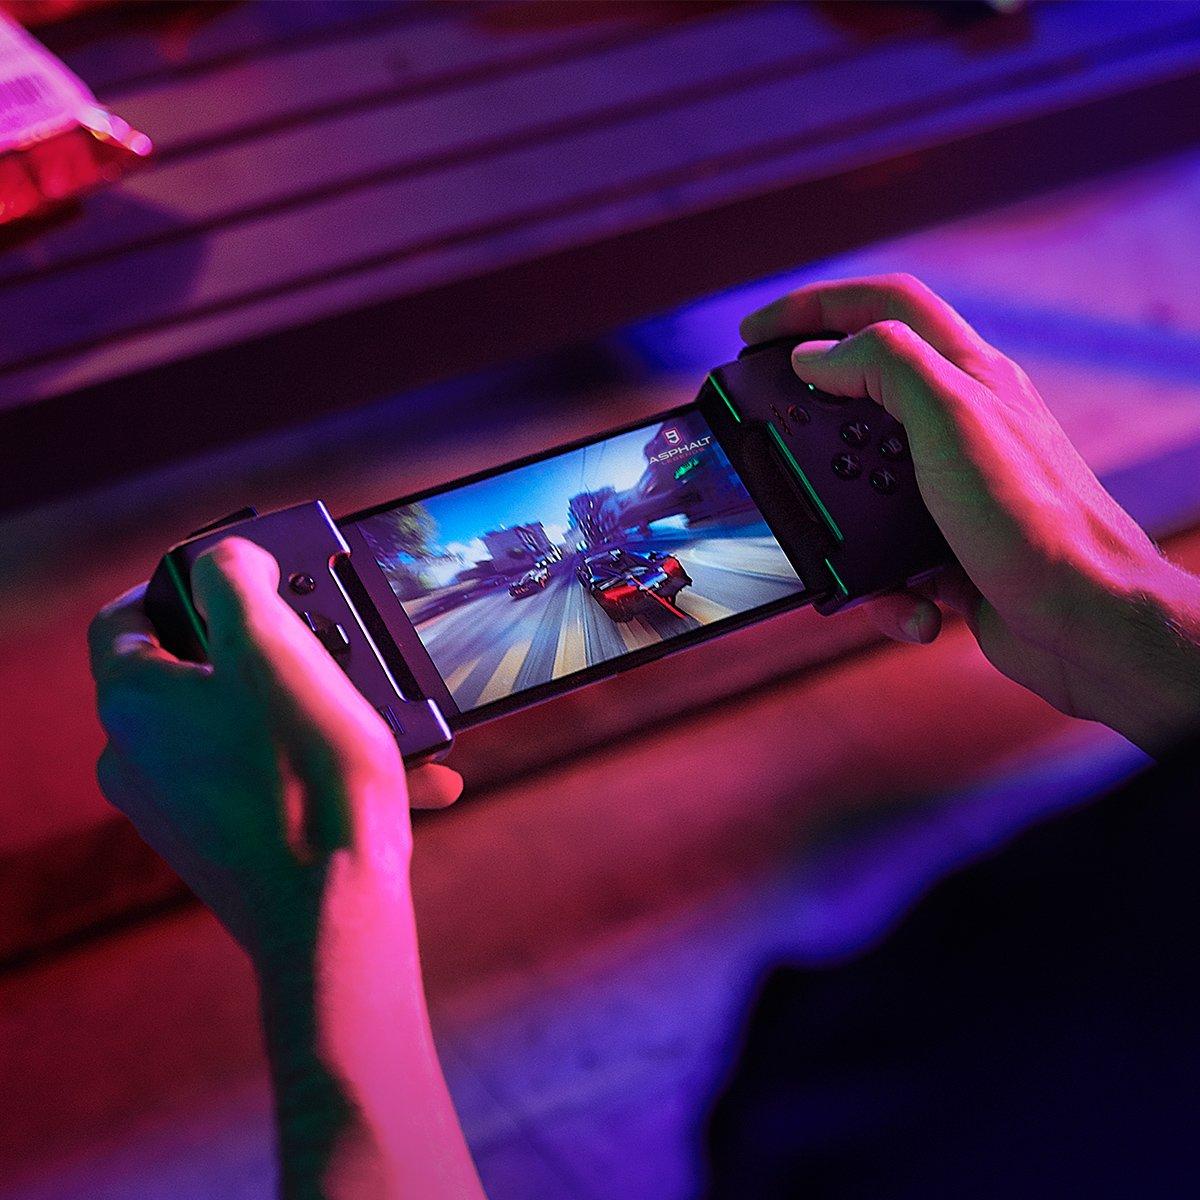 Kupilibyście smartfon gamingowy Lenovo Legion? Chińczycy mogą taki stworzyć 20